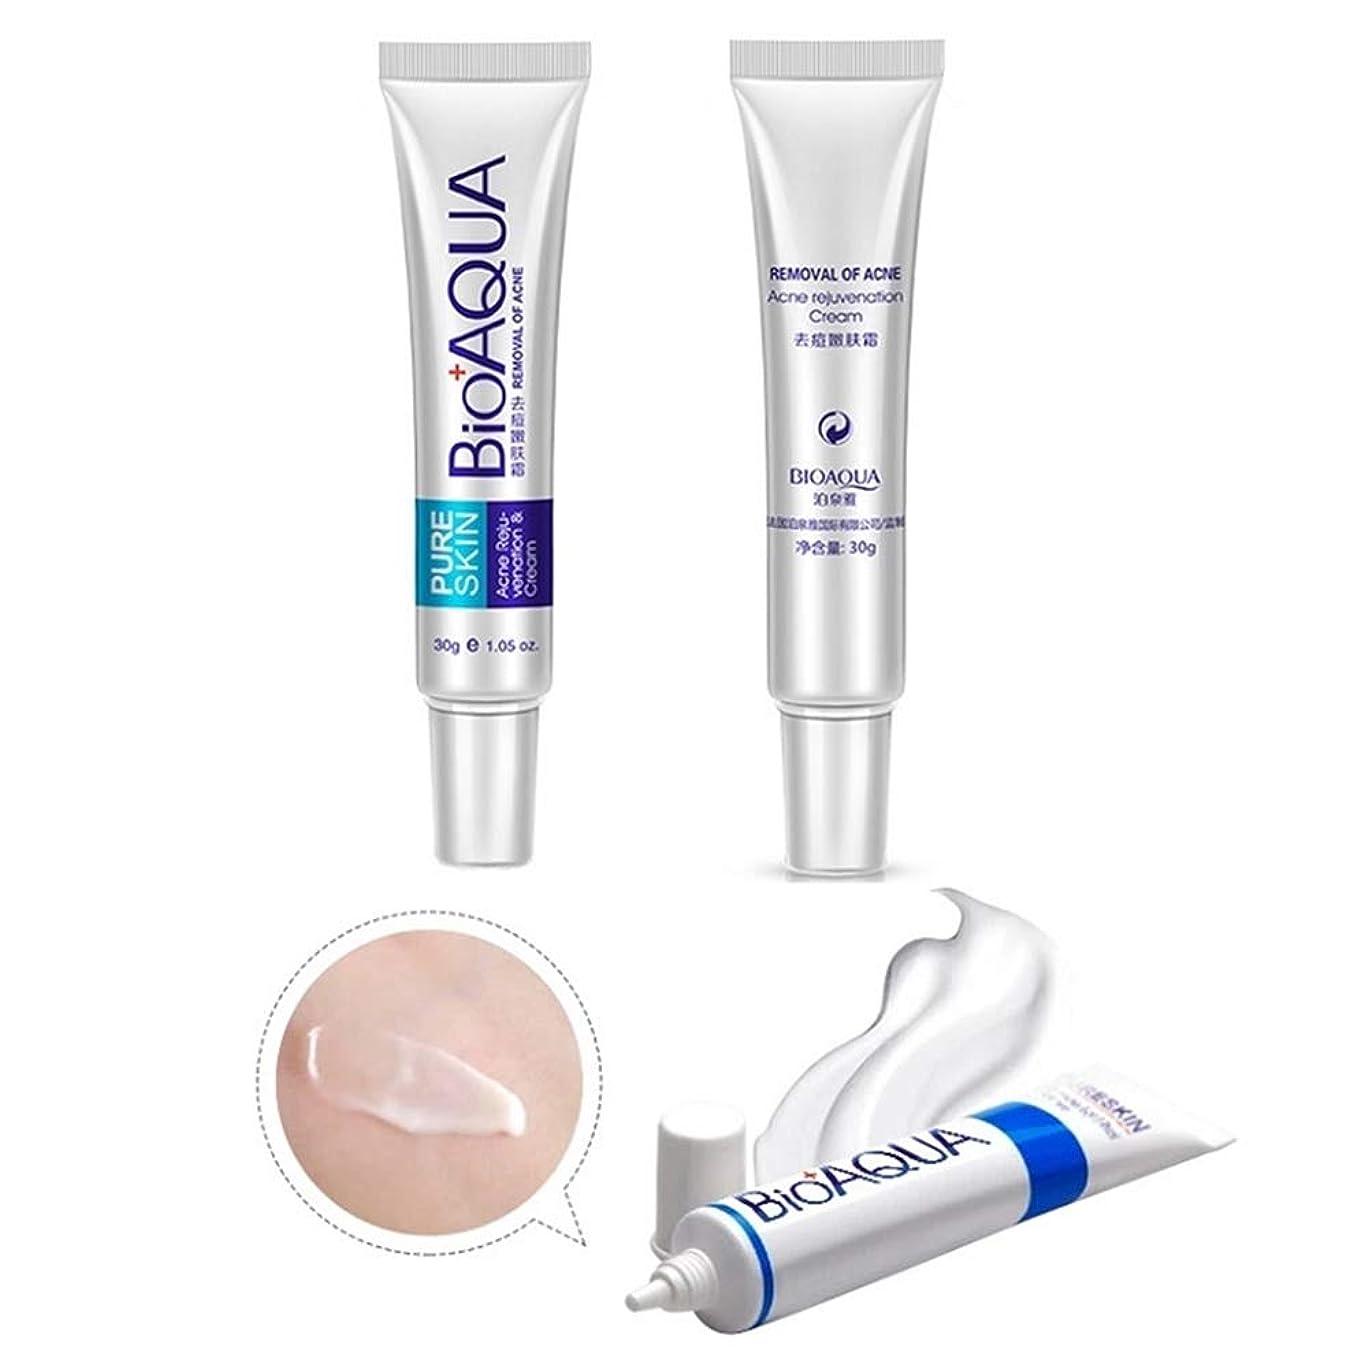 アルプスジョイントインポートHyaluronic Acid Base Shrink Pores Moisturizing Foundation Makeup Facial Cream Skin Care Cosmetic.